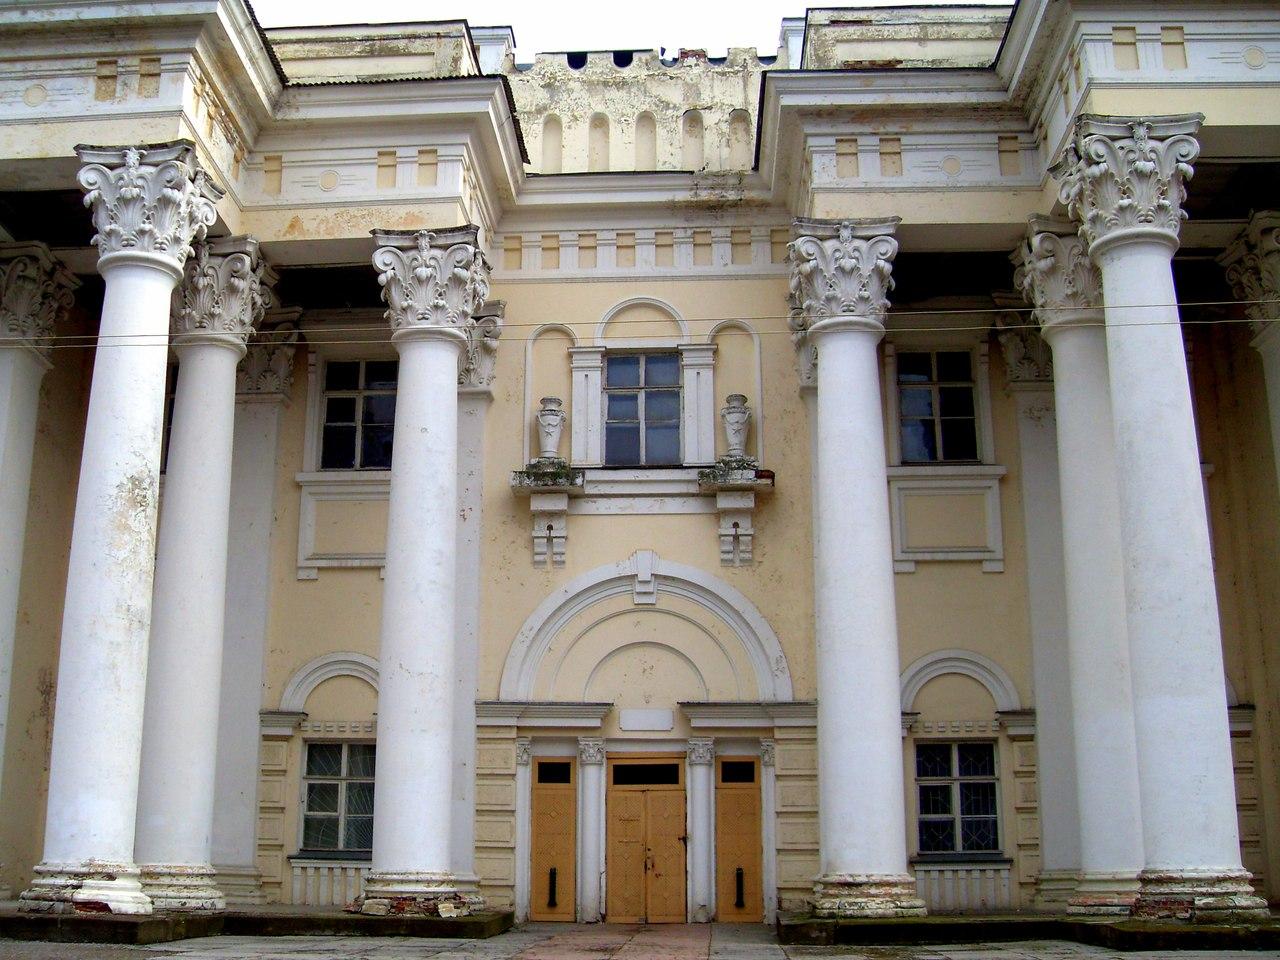 Дом культуры (бывший Дом офицеров) в Полоцке